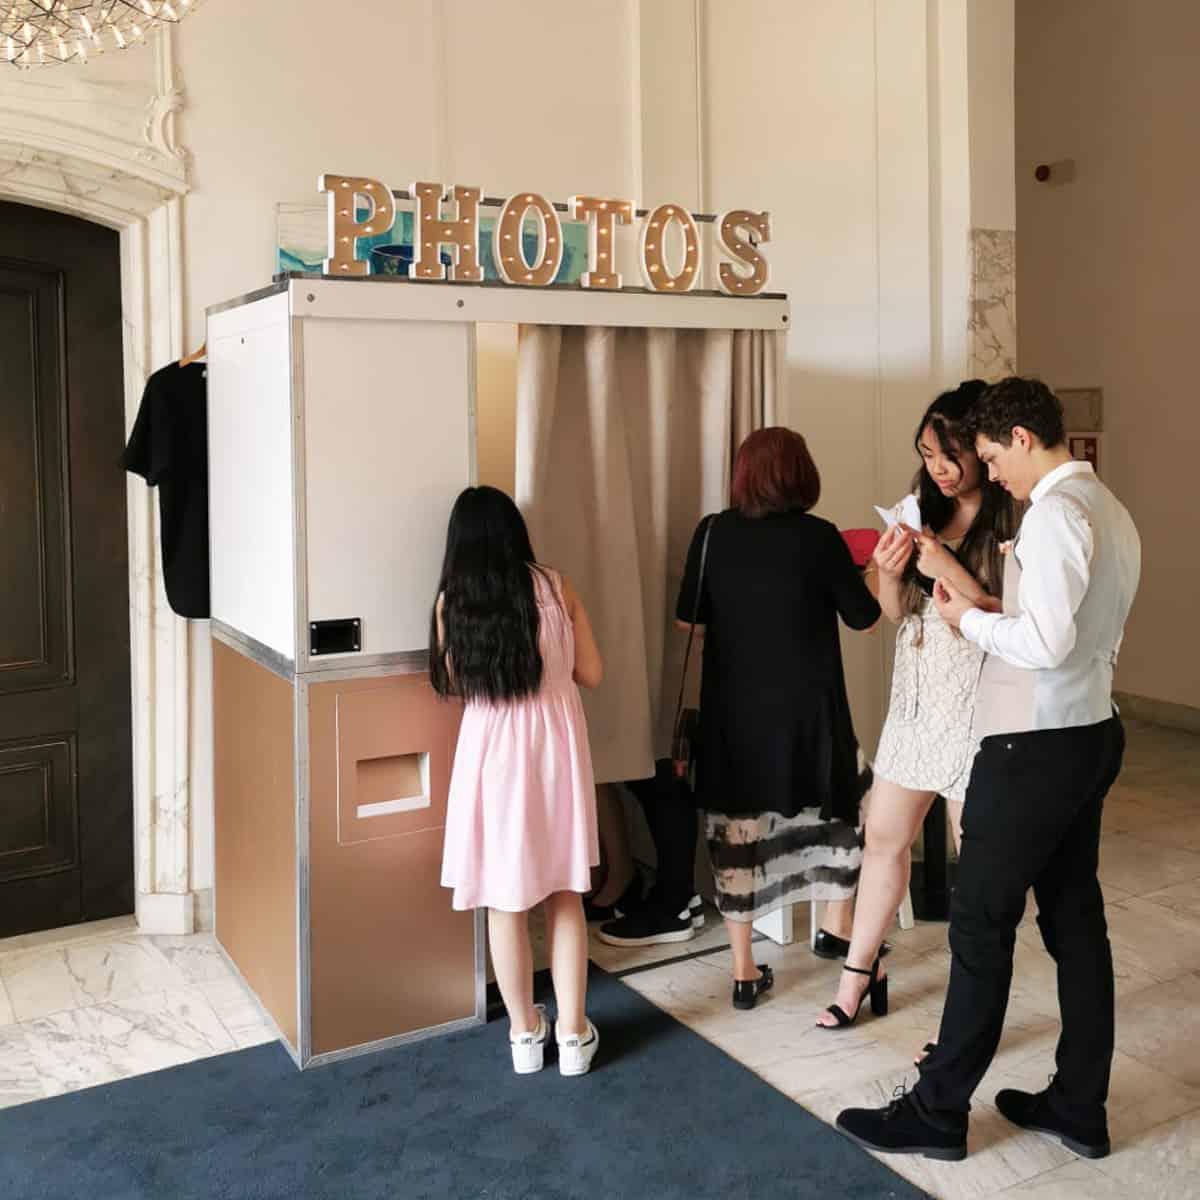 Fotohokje photobooth huren amsterdam